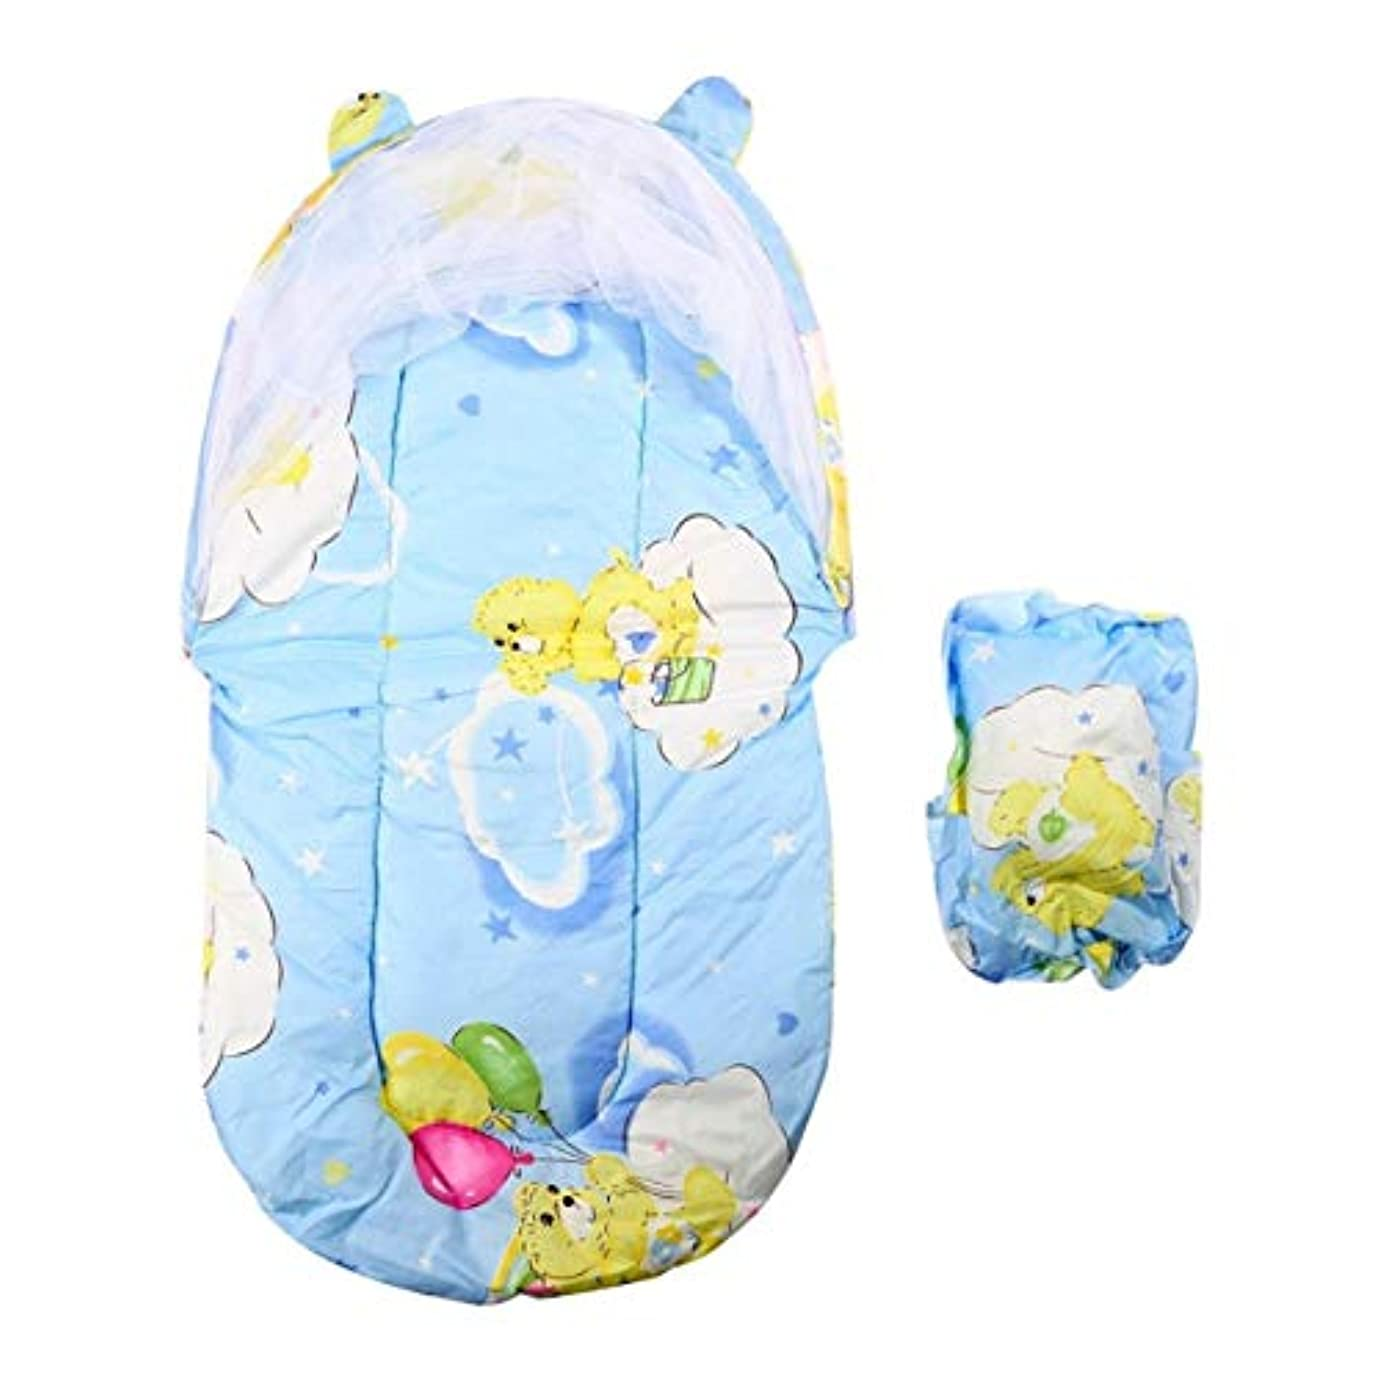 大西洋ミル人工Saikogoods 折り畳み式の新しい赤ん坊の綿パッド入りマットレス幼児枕ベッド蚊帳テントはキッズベビーベッドアクセサリーハングドームフロアスタンド 青